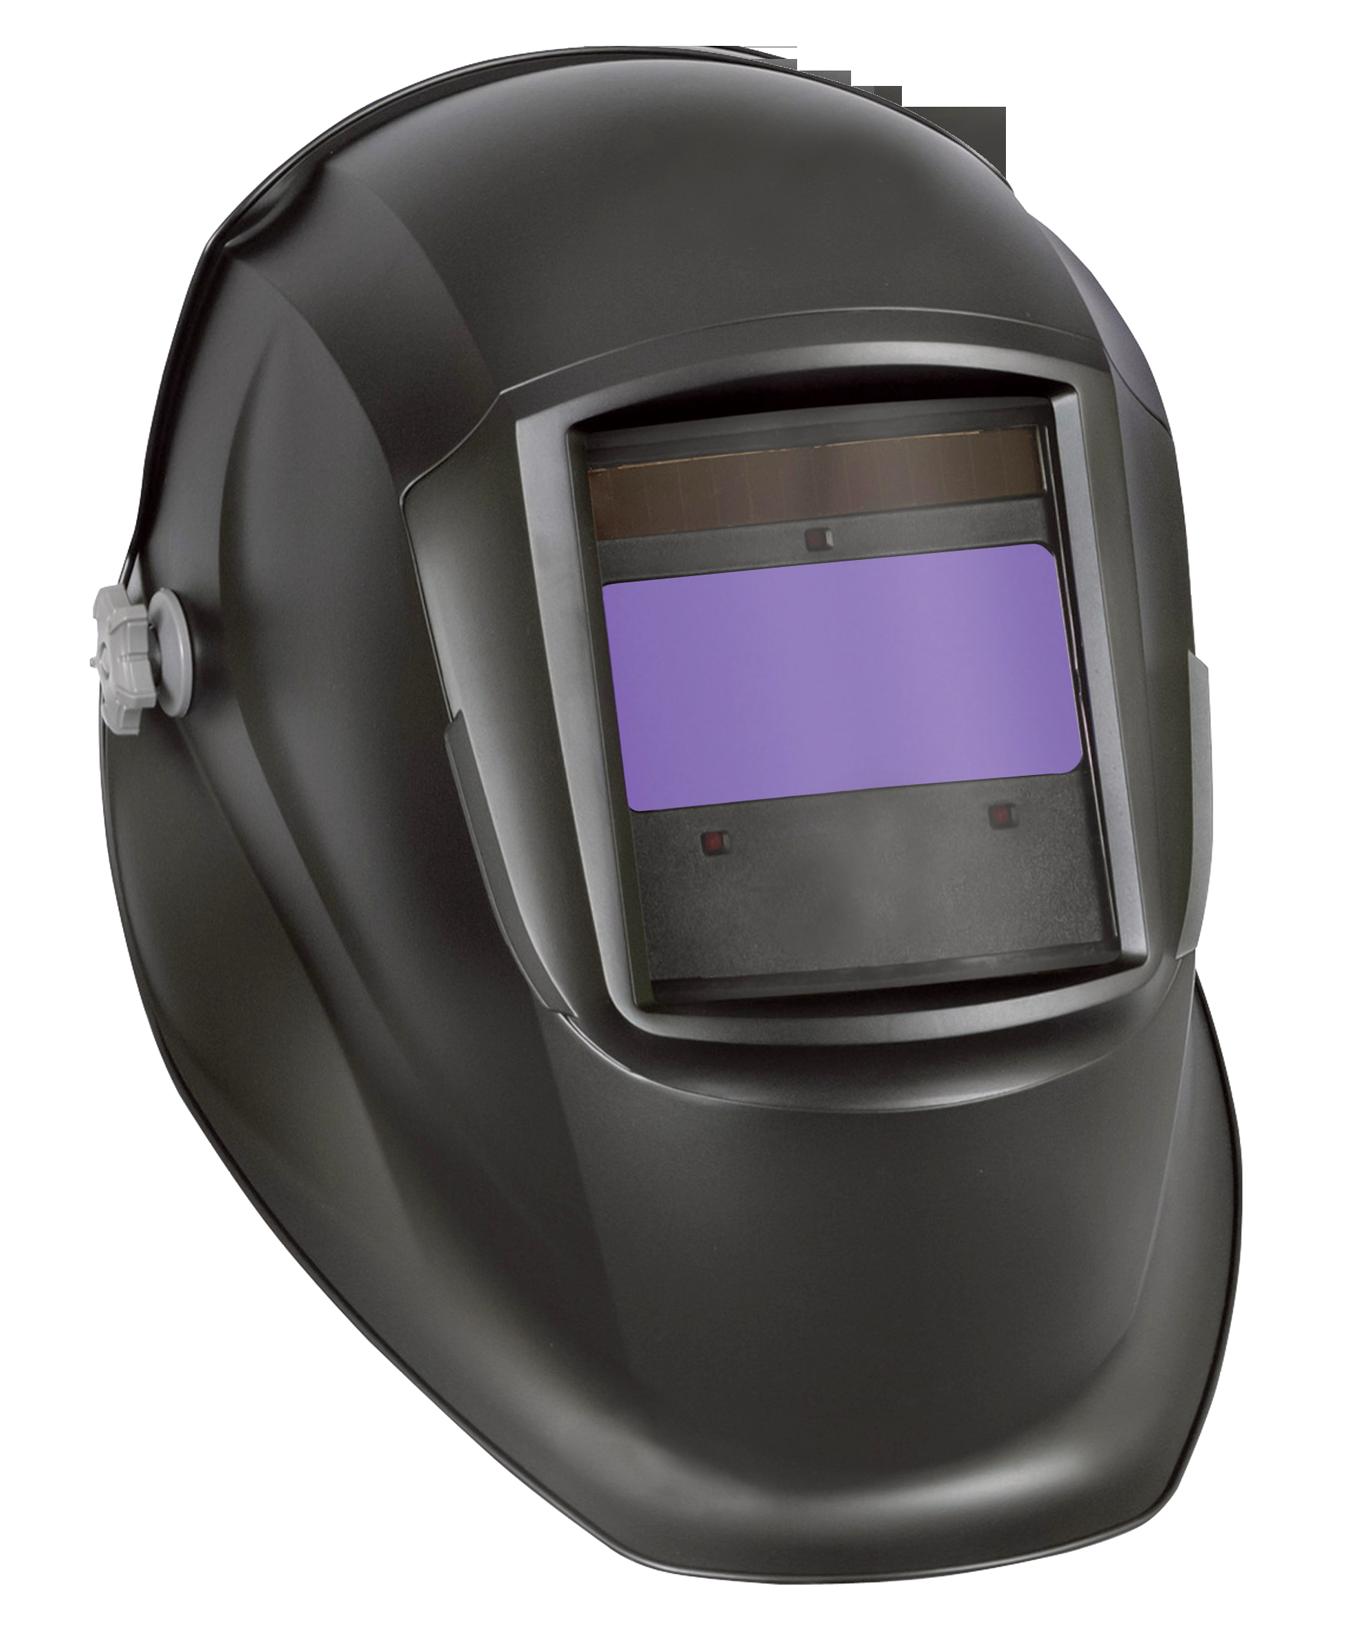 Helmet png transparent image. Welding clipart welding equipment